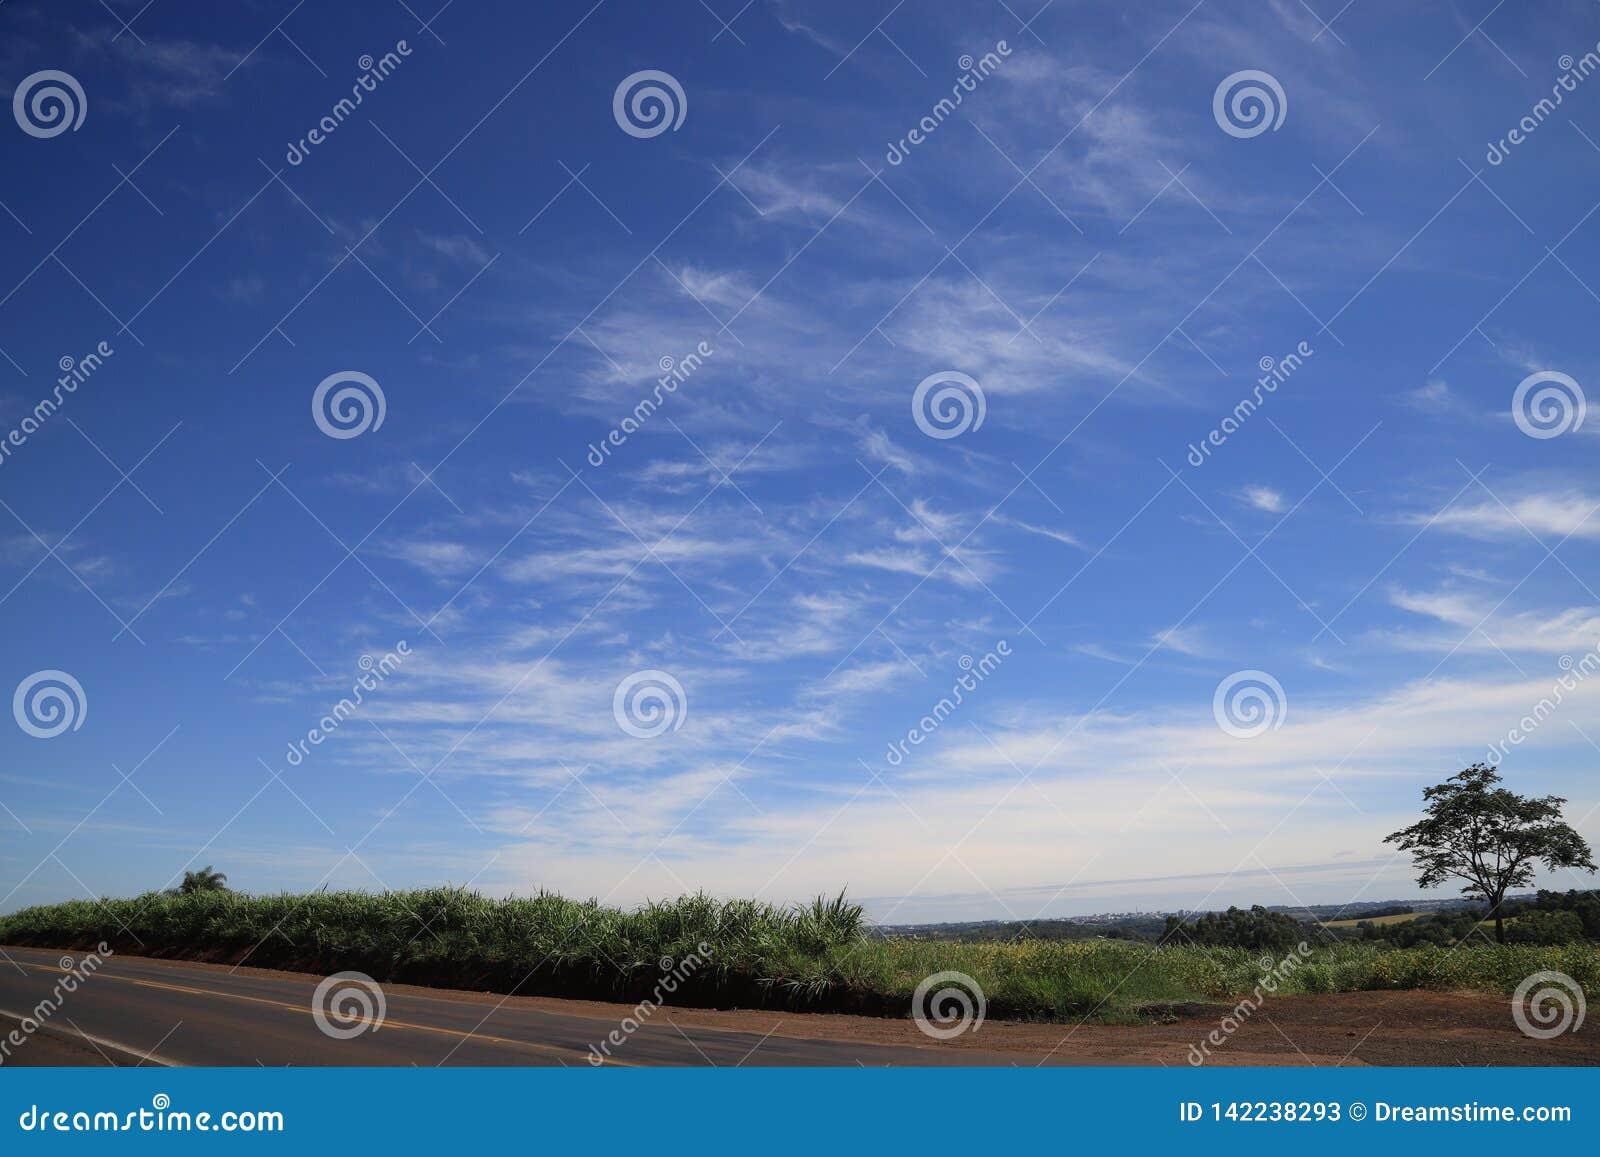 Χρώματα της Βραζιλίας, γκρίζος, πράσινος και όμορφου ενός μπλε και άσπρος στον ουρανό